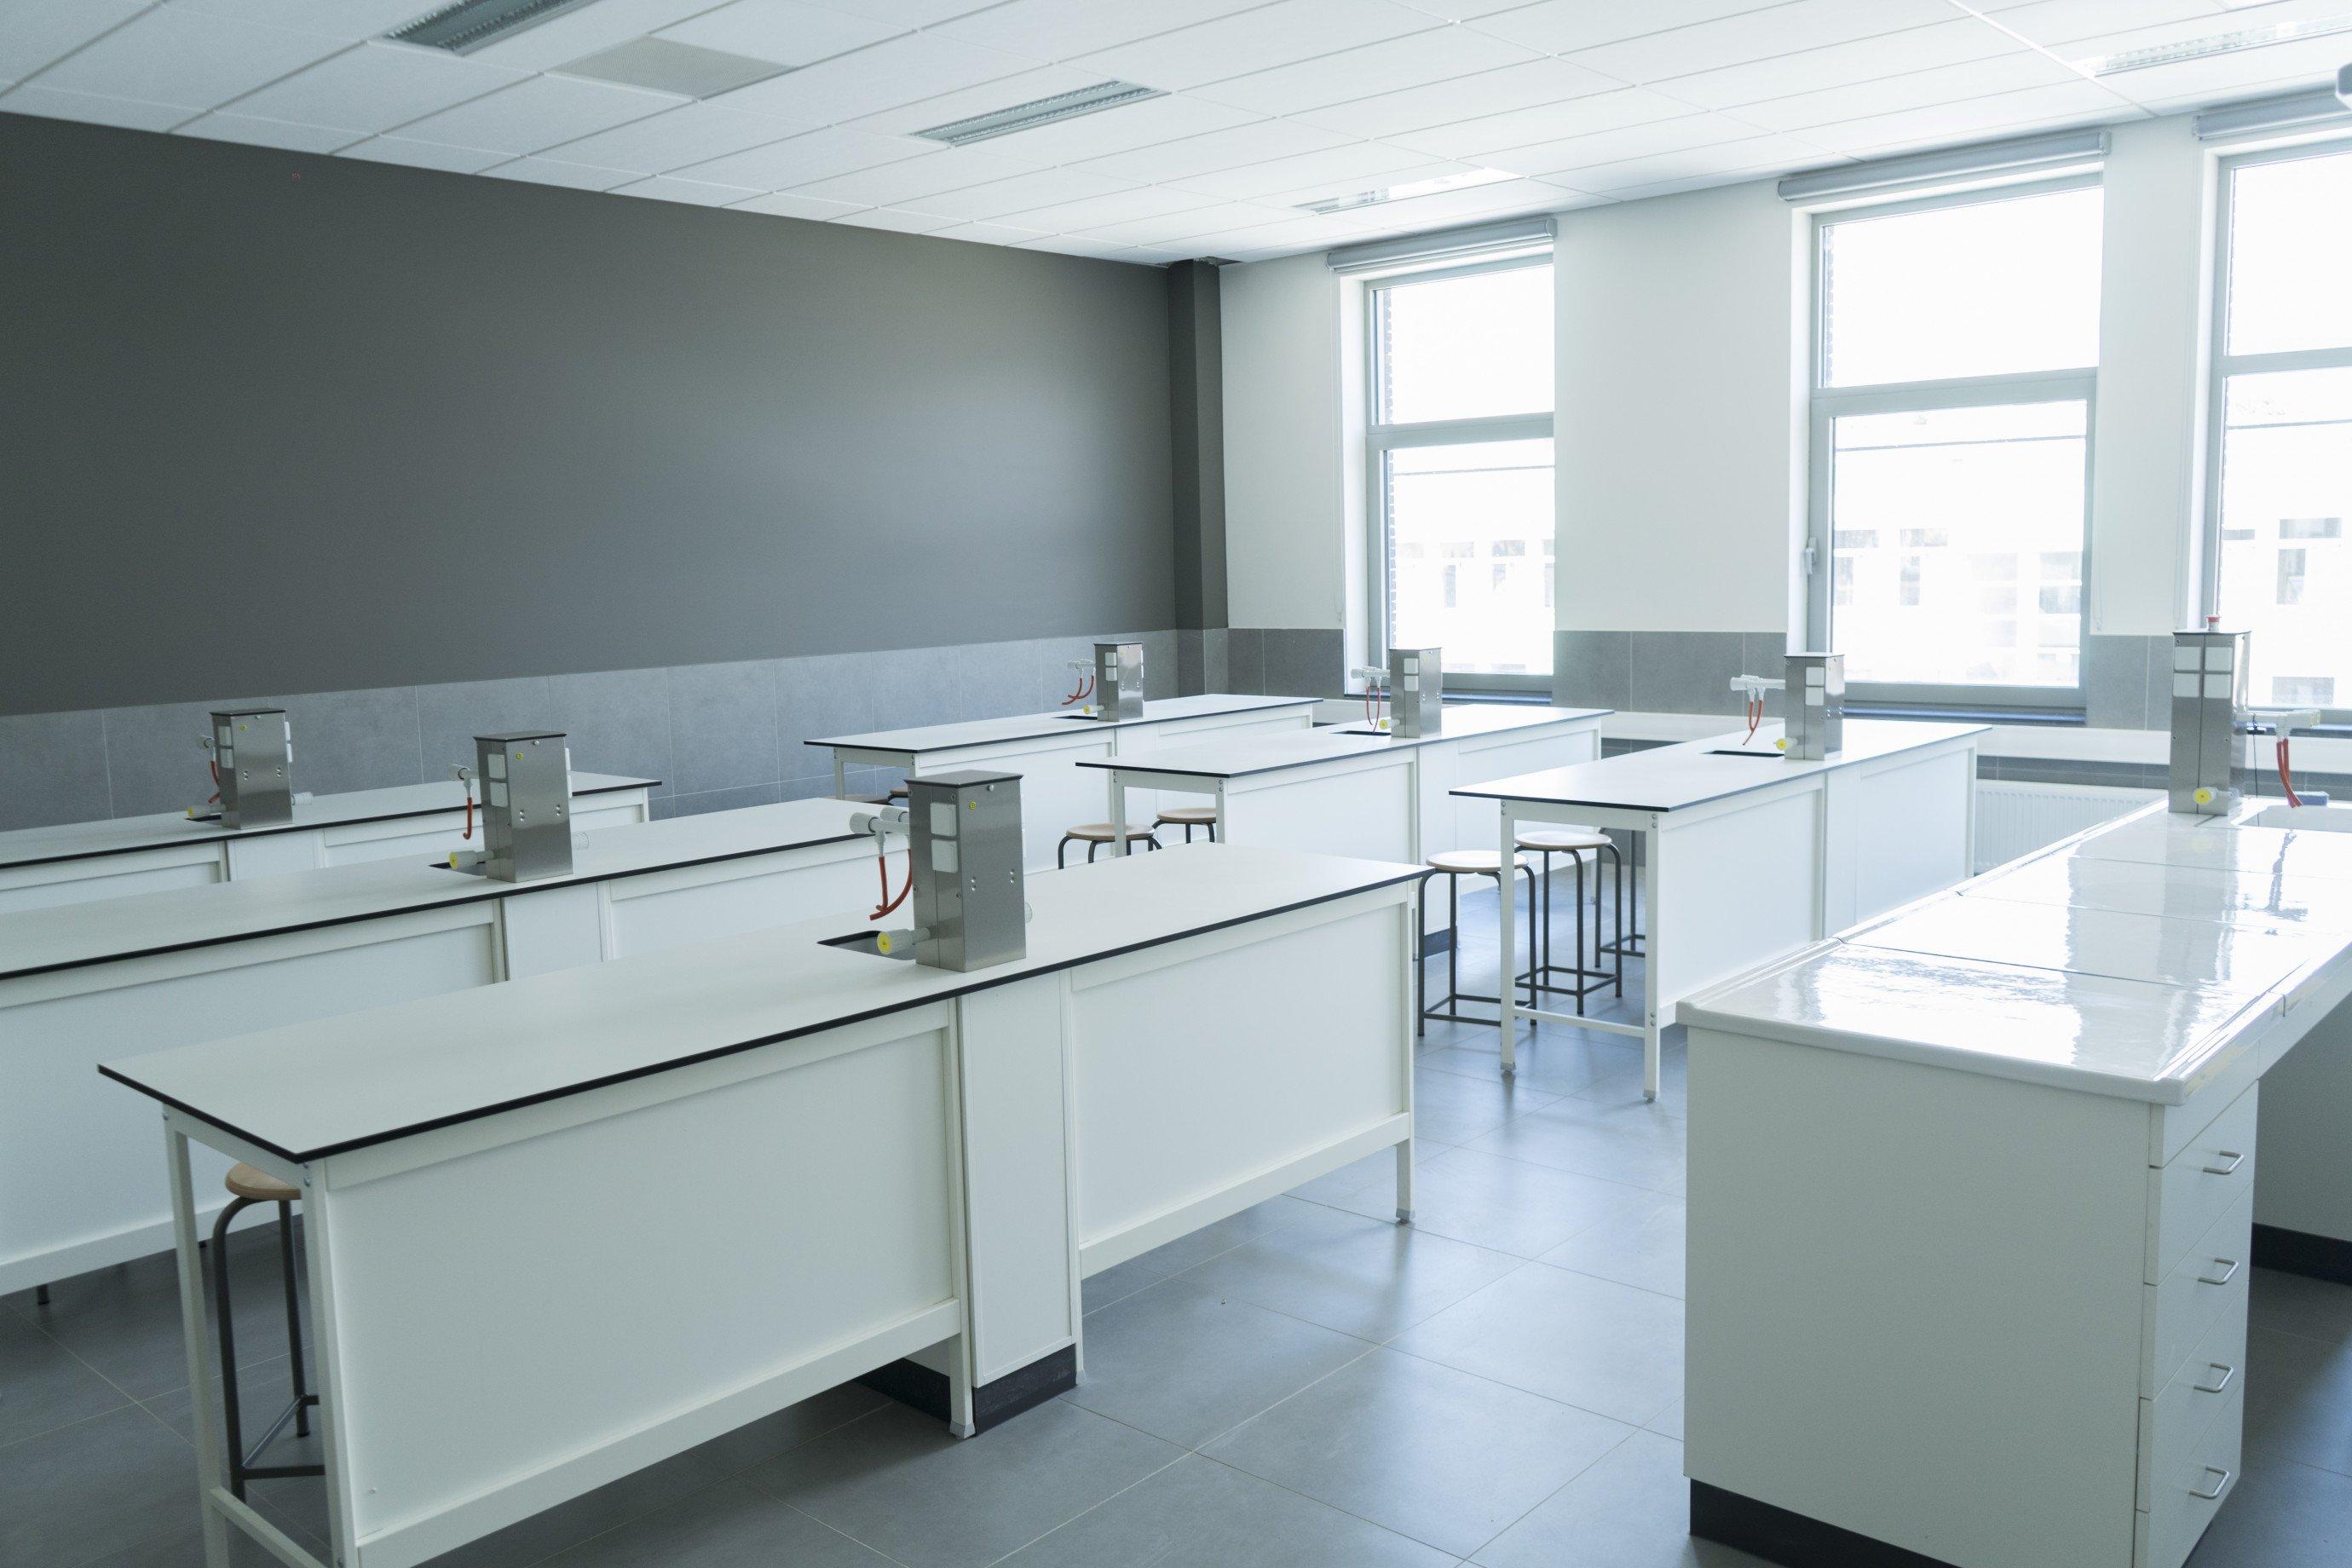 Inrichting laboklas: leerlingentafels